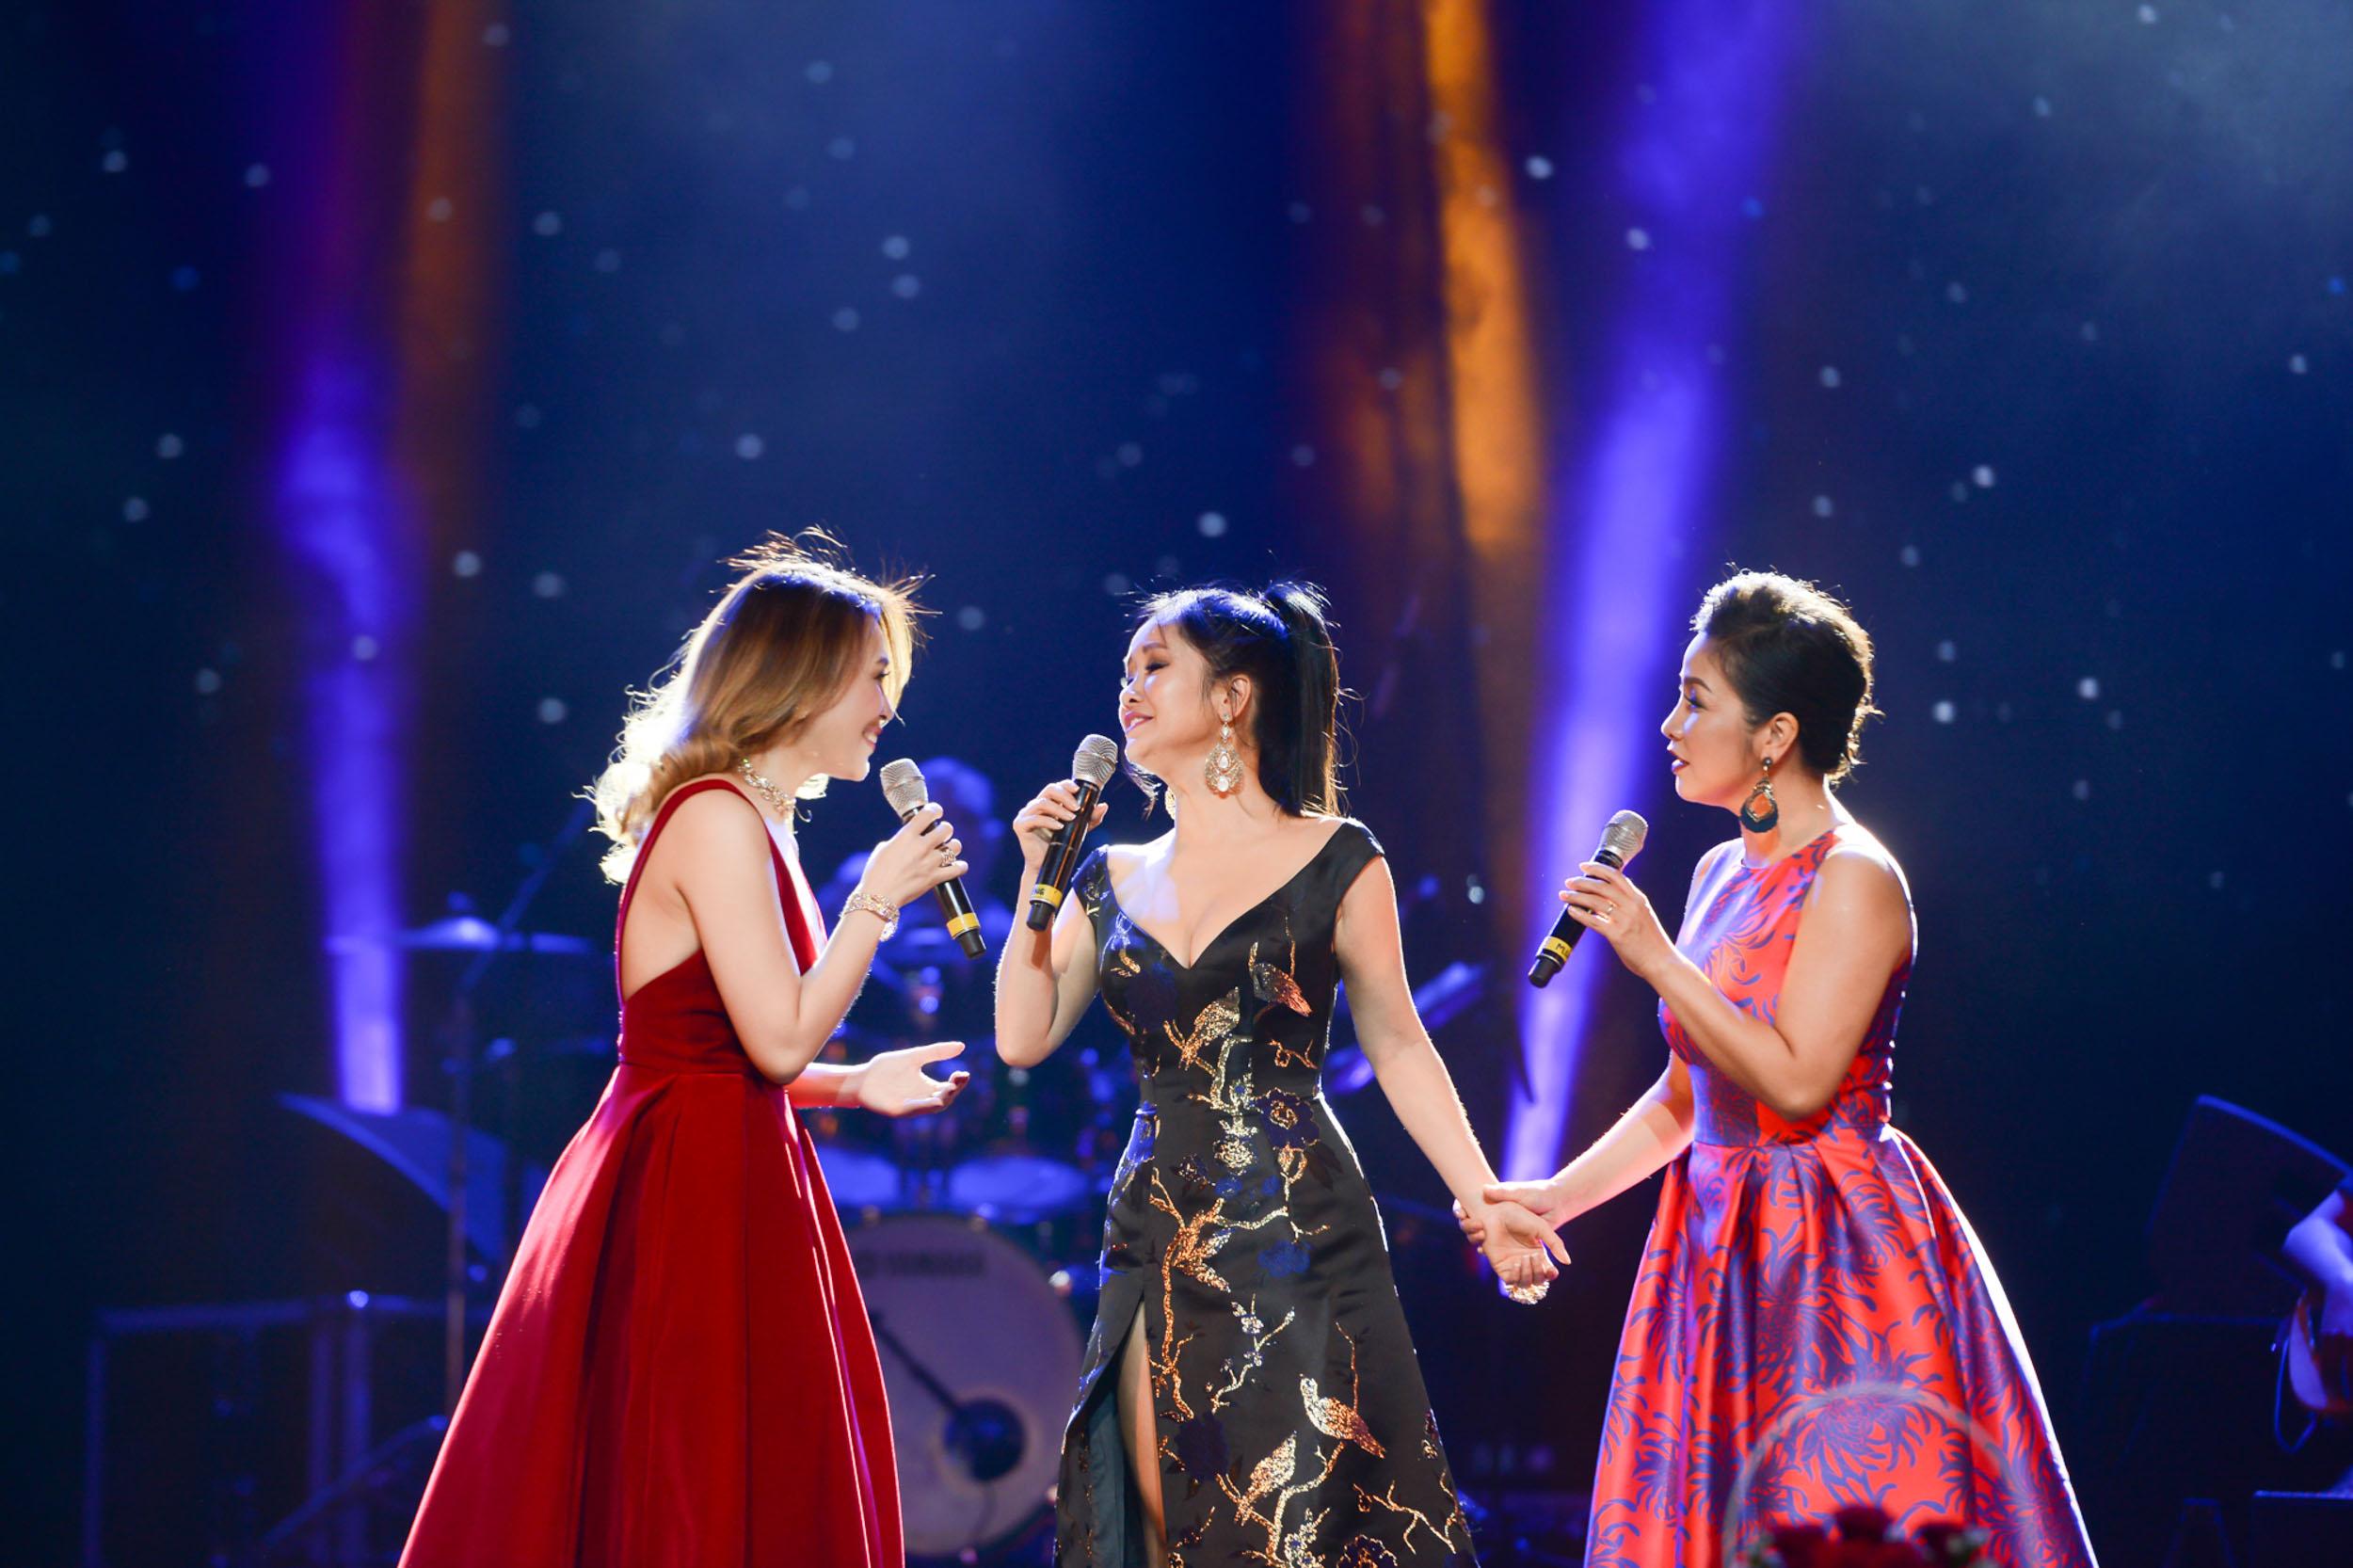 Không cần danh hiệu, Mỹ Tâm vẫn ung dung tỏa sáng cùng 4 Diva trên sân khấu chung - Ảnh 8.